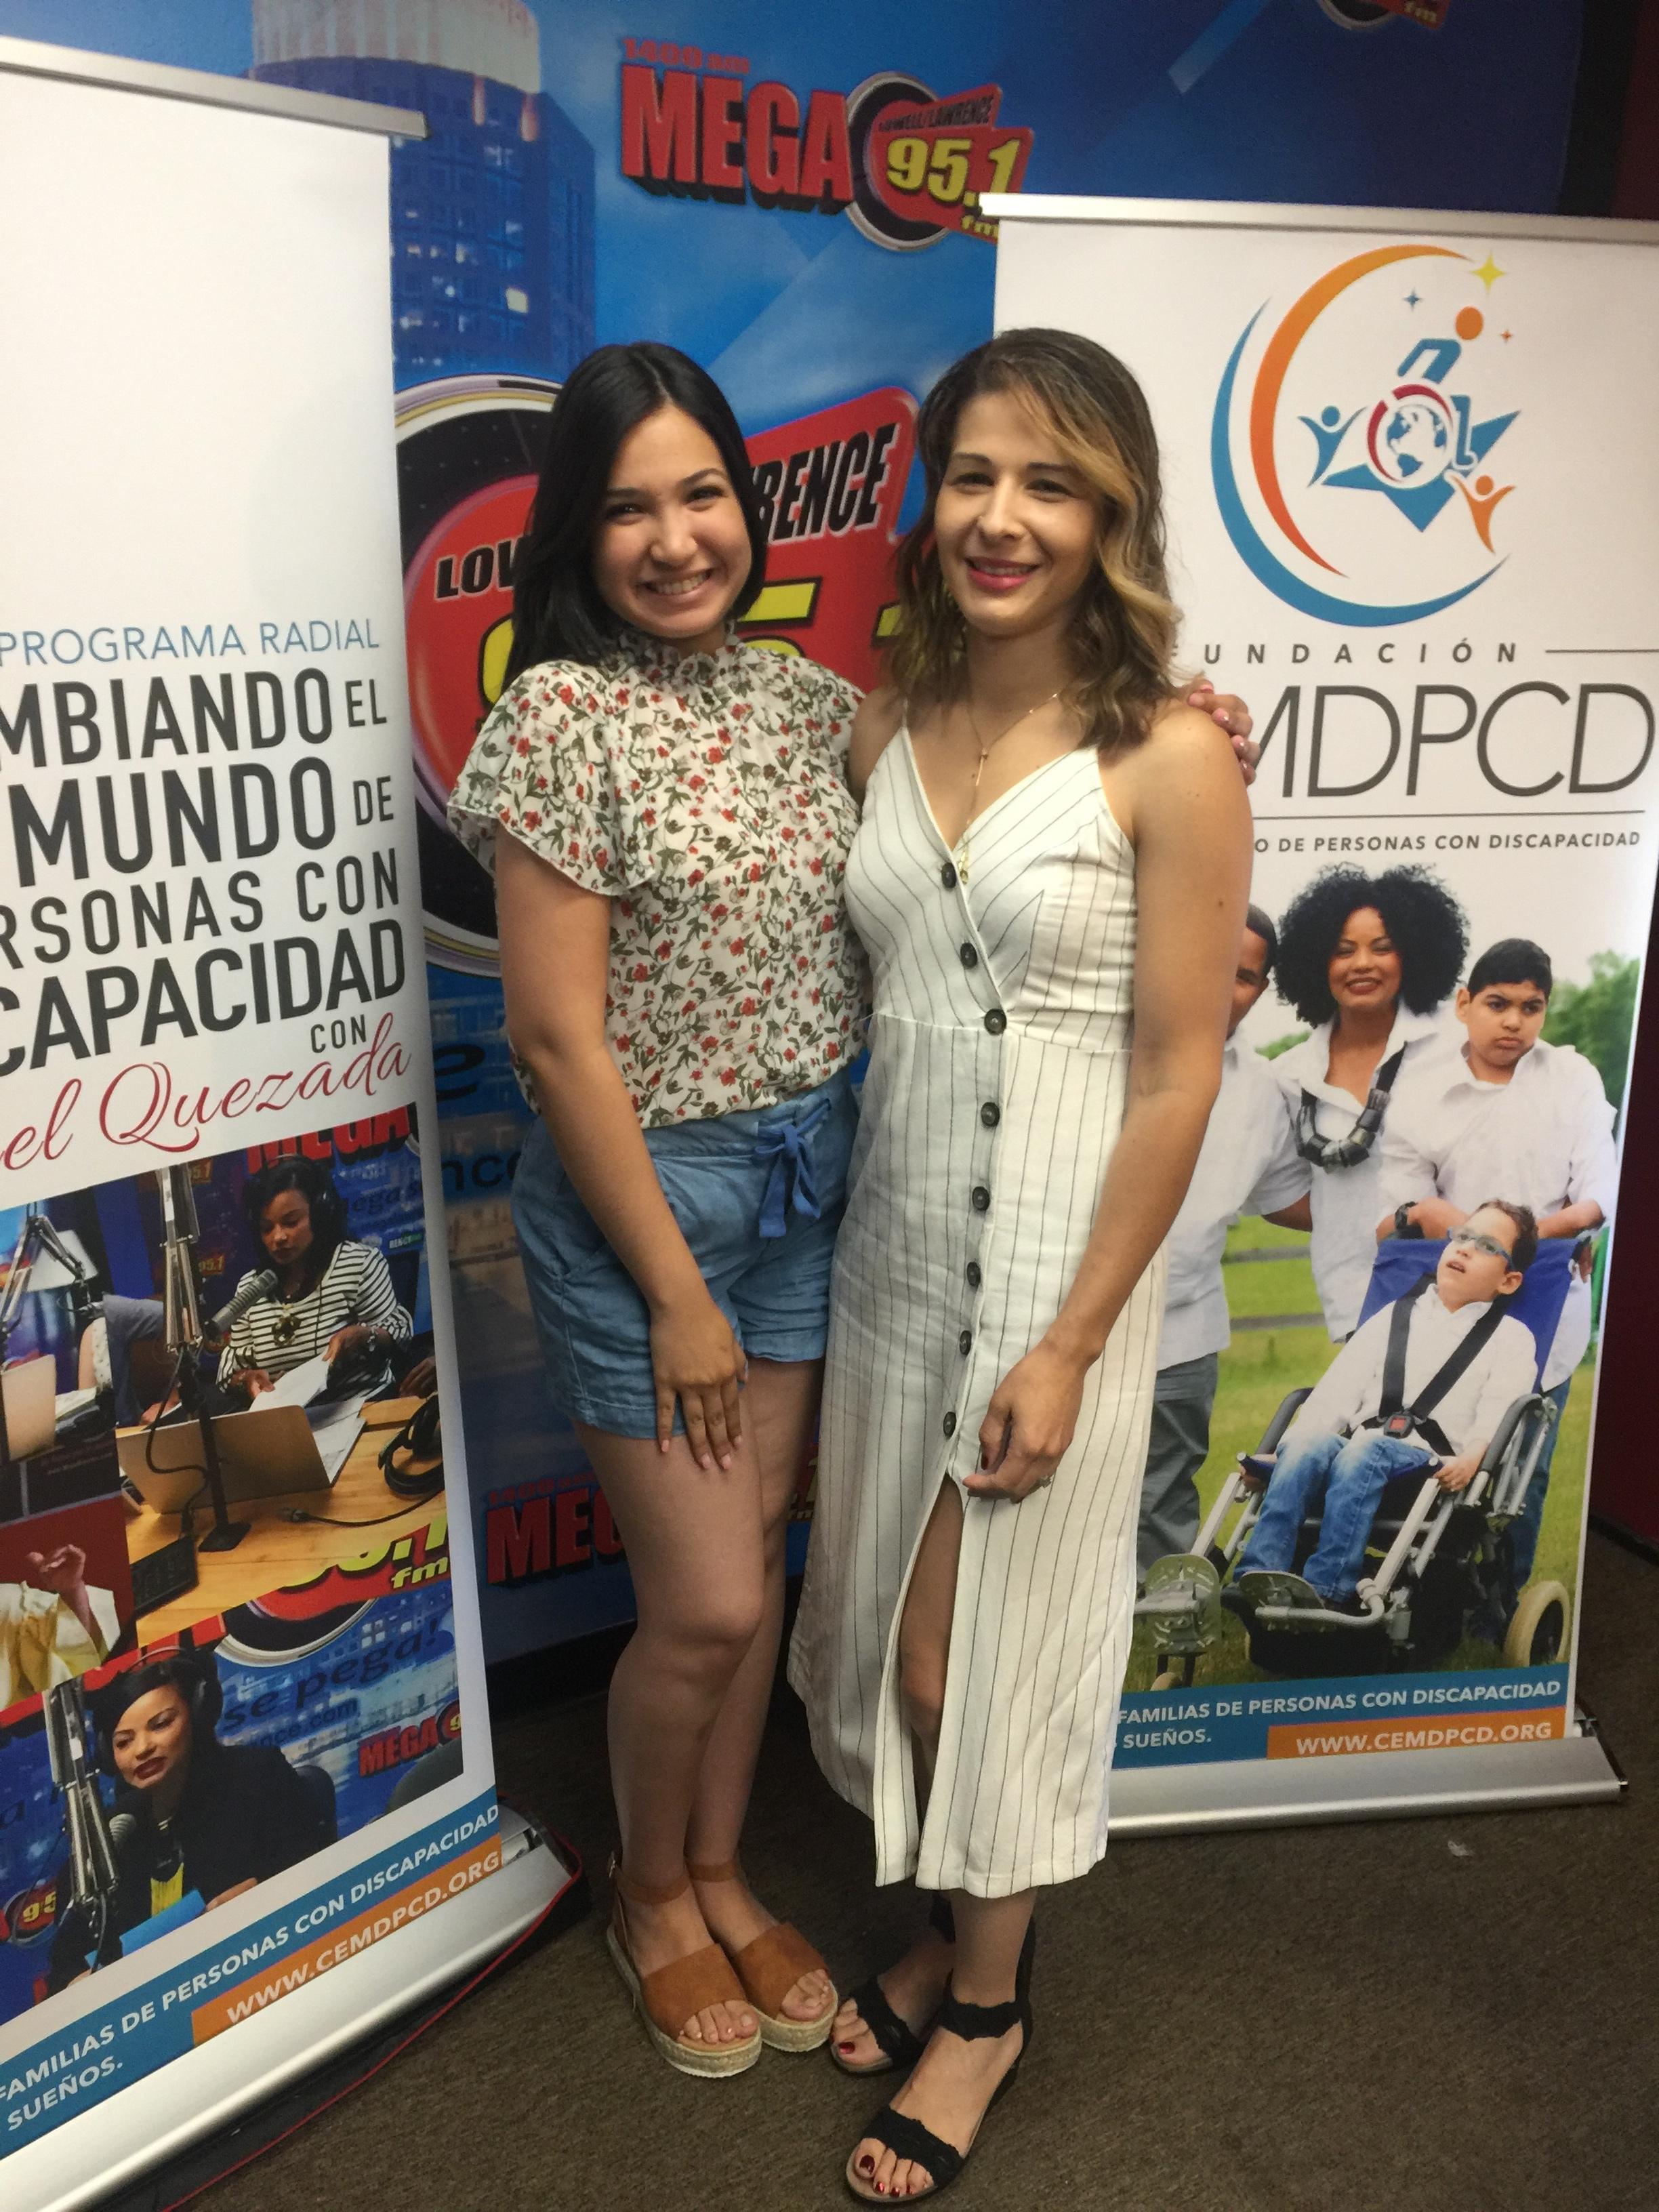 Co-hosting with Yamilex Lara, co-host of Cambiando el Mundo de Personas con Discapacidades Radio Show.